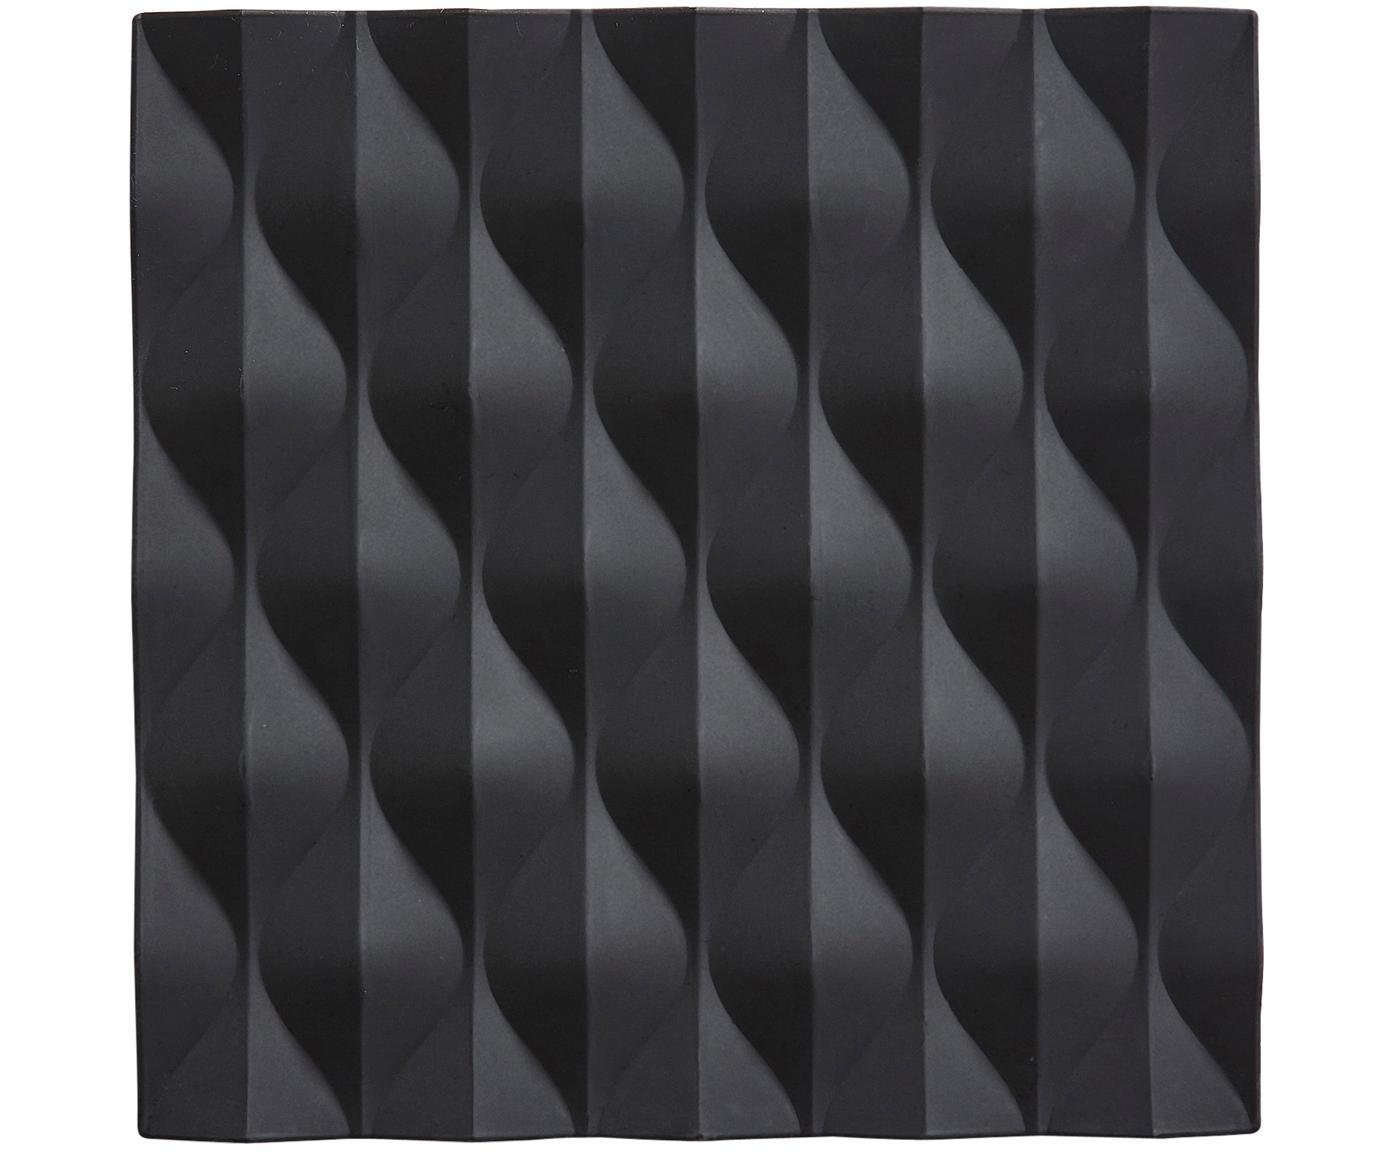 Sottopentola Origami Wave 2 pz, Silicone, Nero, Larg. 16 x Prof. 16 cm